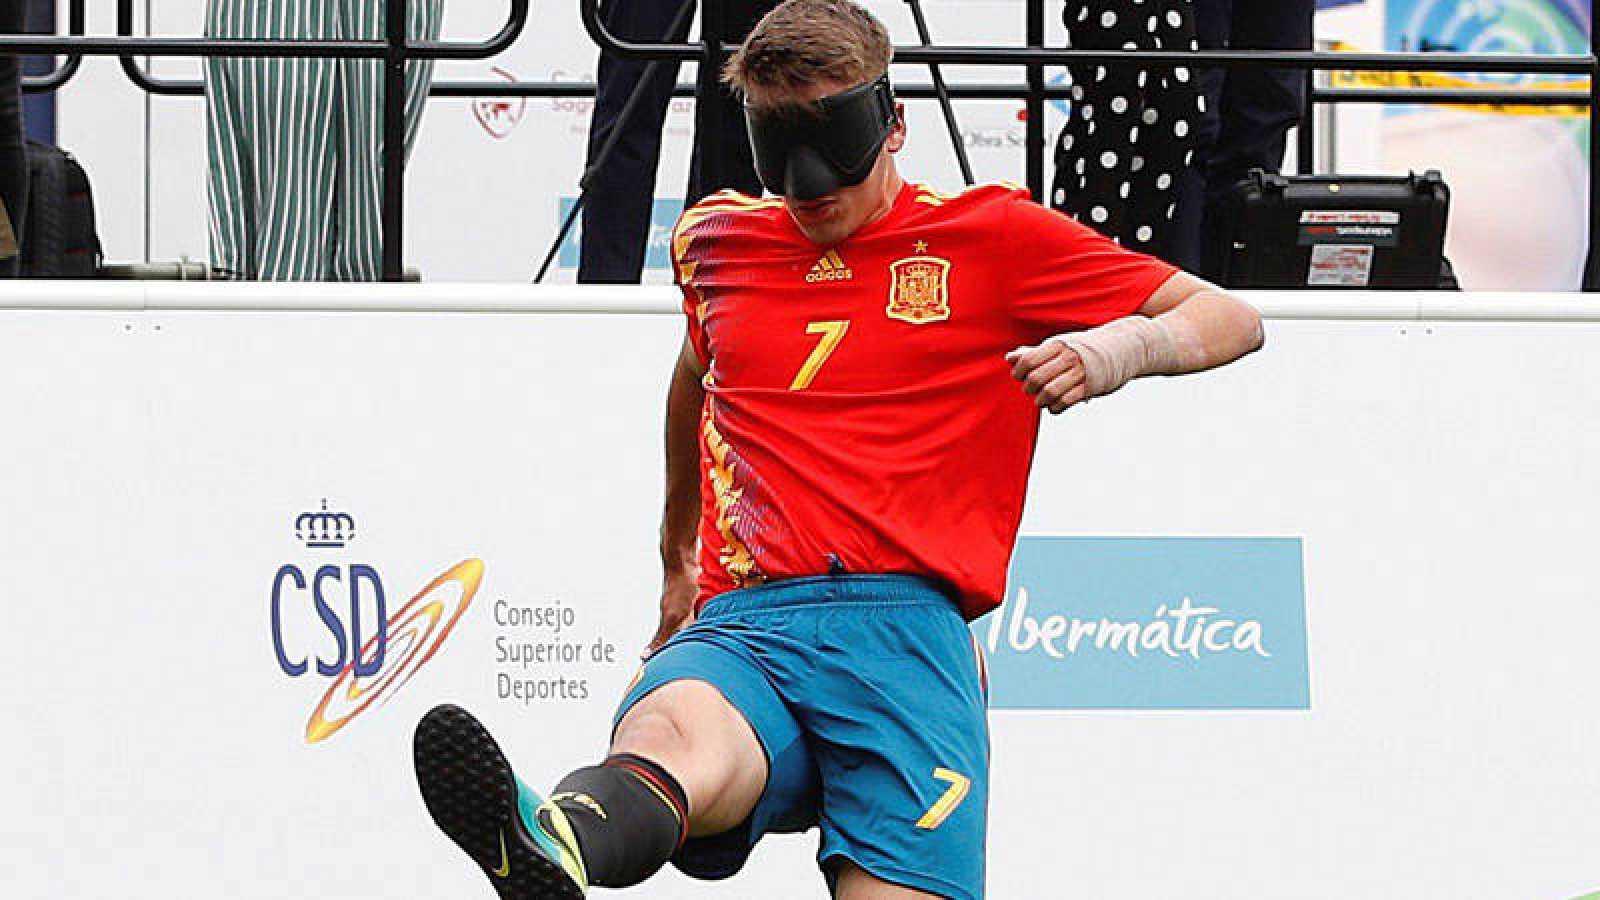 La selección española sigue contando por victorias sus partidos en el Mundial para ciegos.